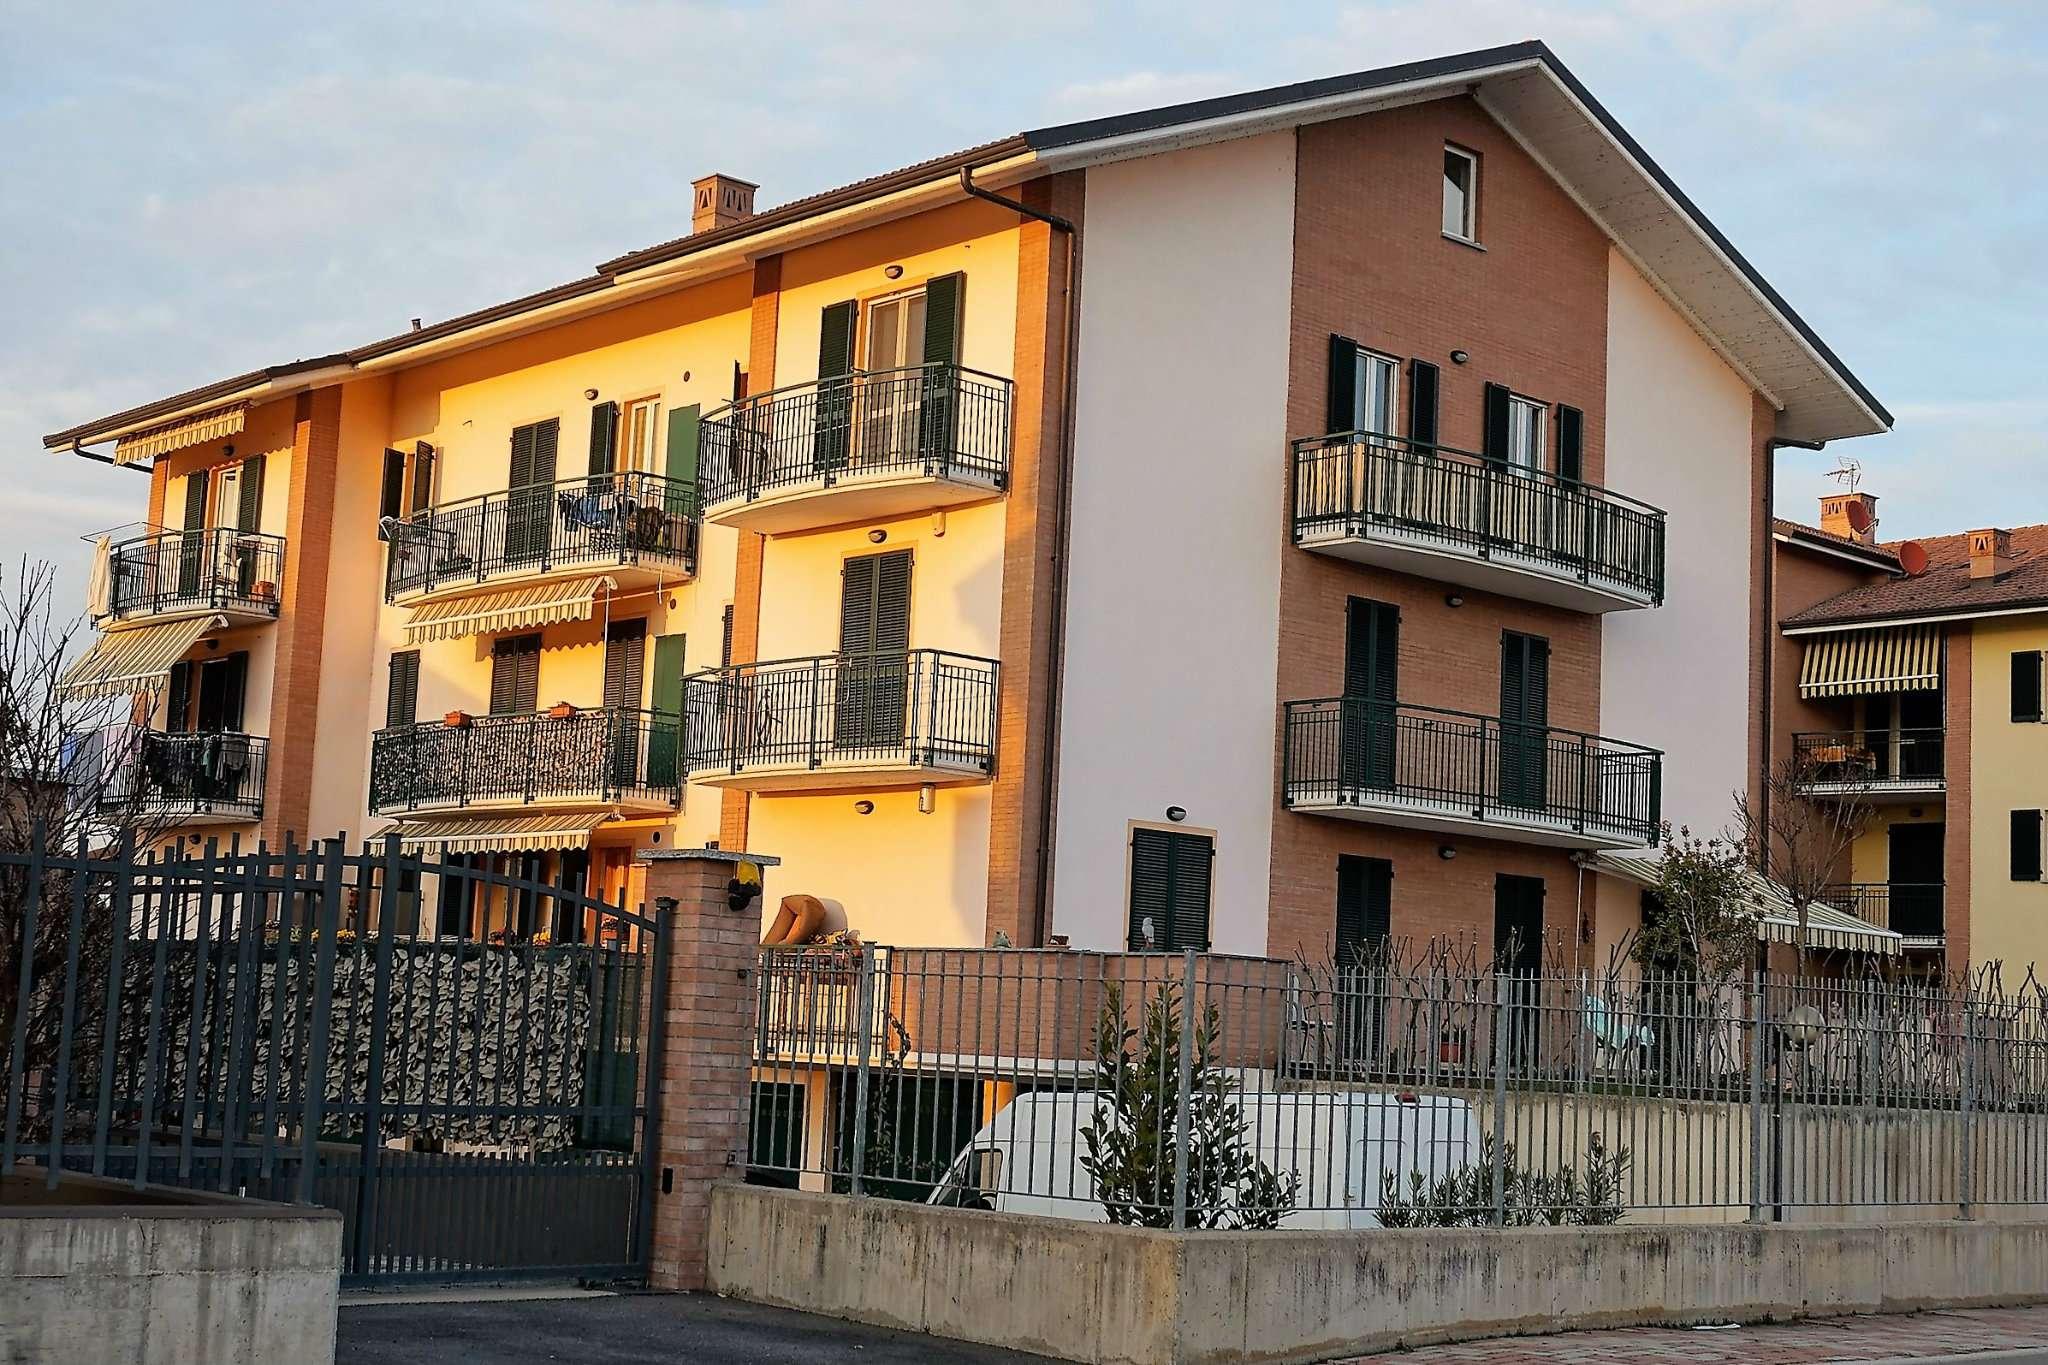 Appartamento in vendita a Carmagnola, 4 locali, prezzo € 158.000 | Cambio Casa.it